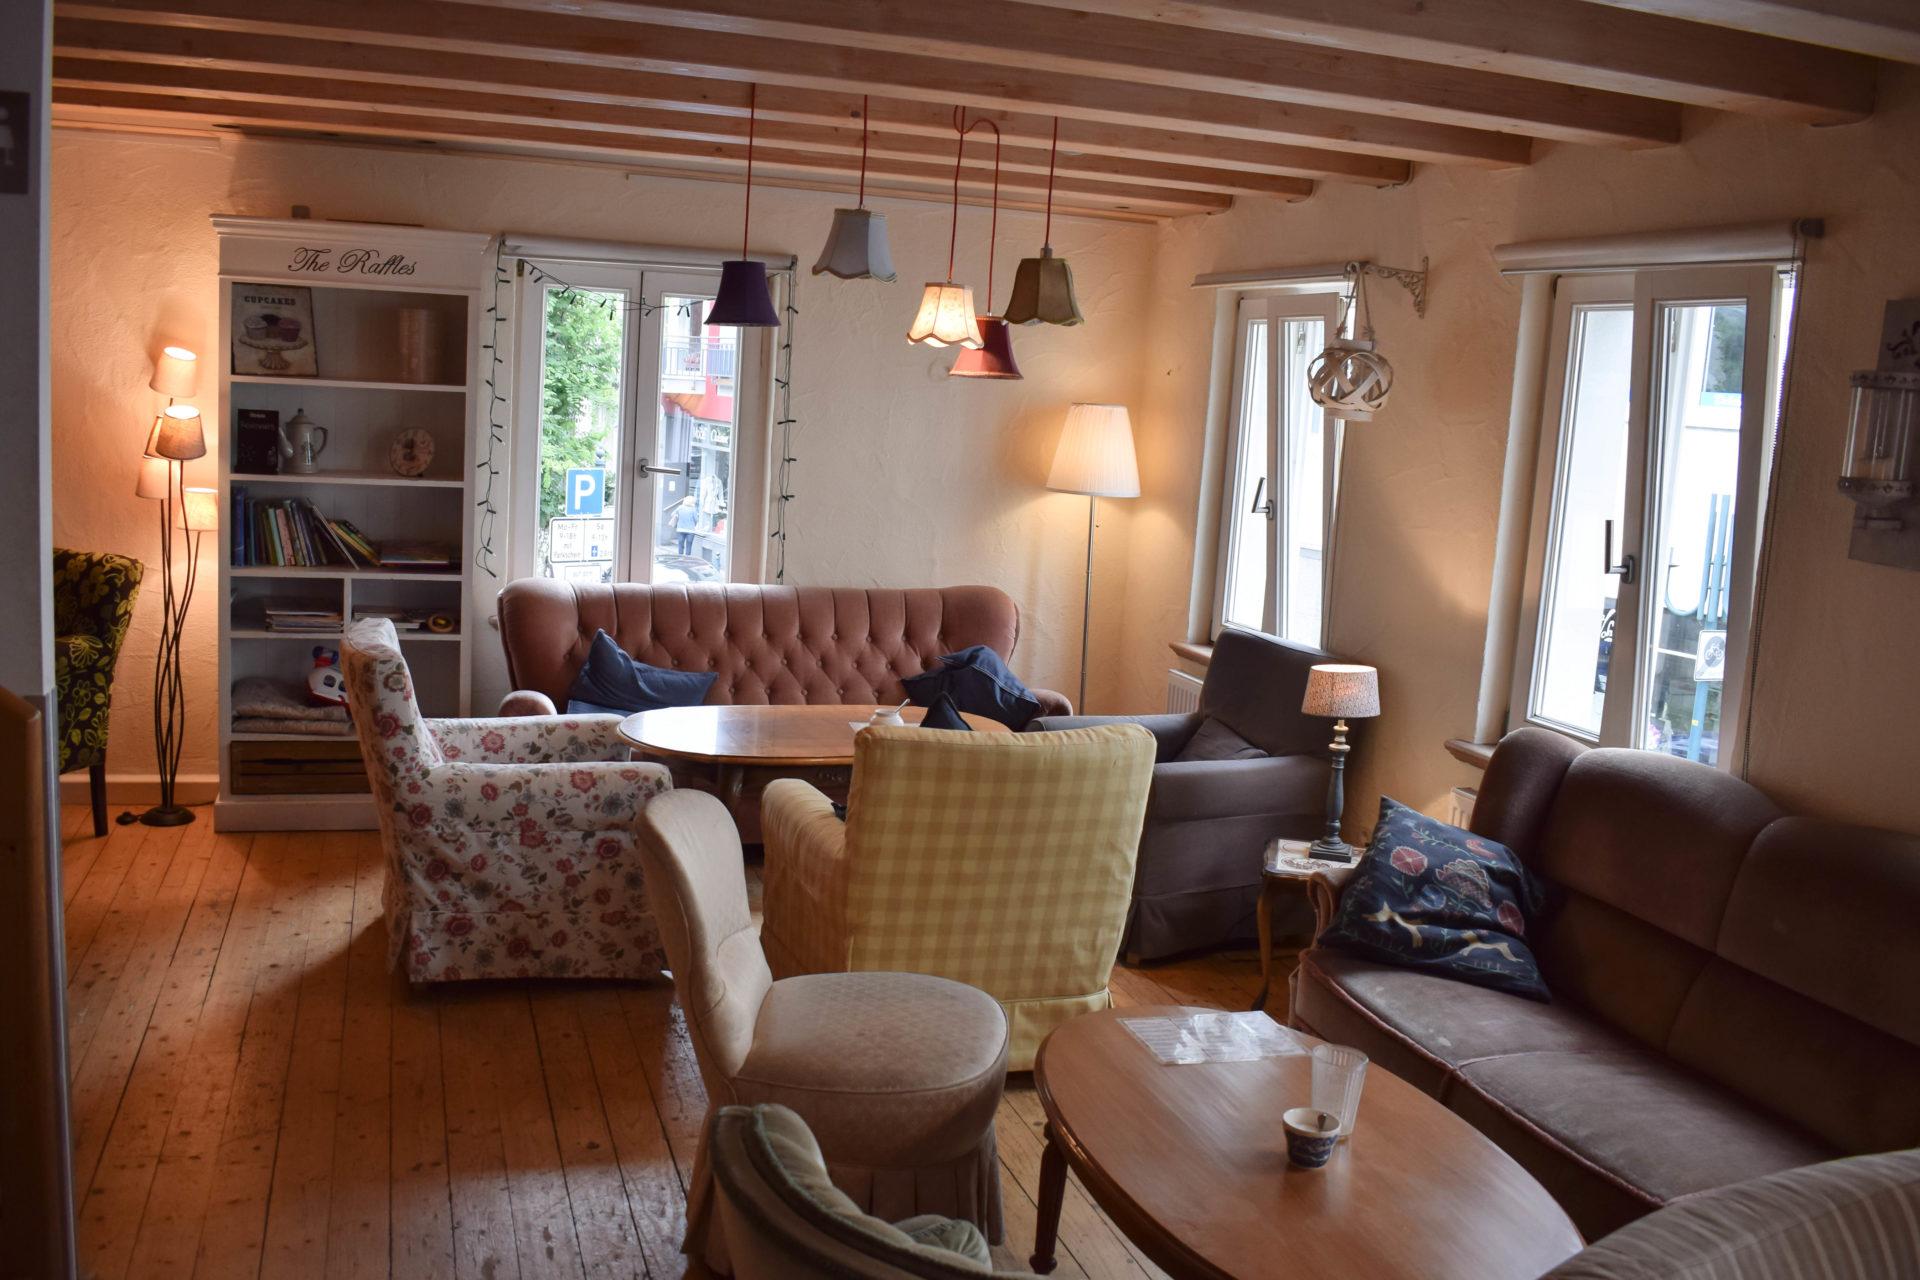 Mayras Wohnzimmer Cafe-7 ⋆ Julias Torten und Törtchen